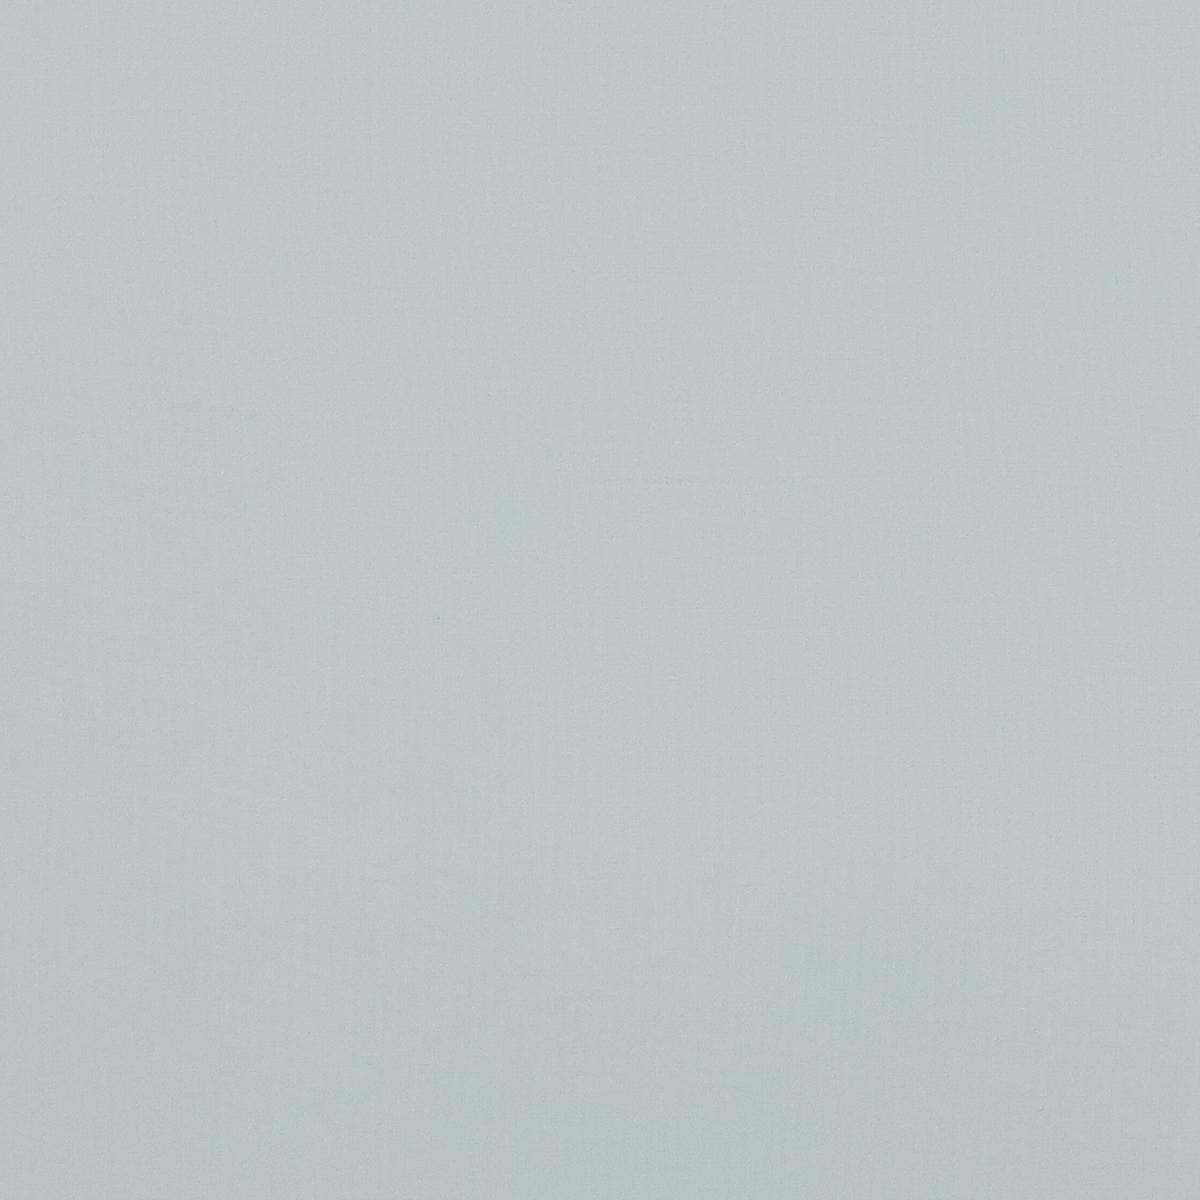 Светло-серый с голубым отливом полиэстеровый креп